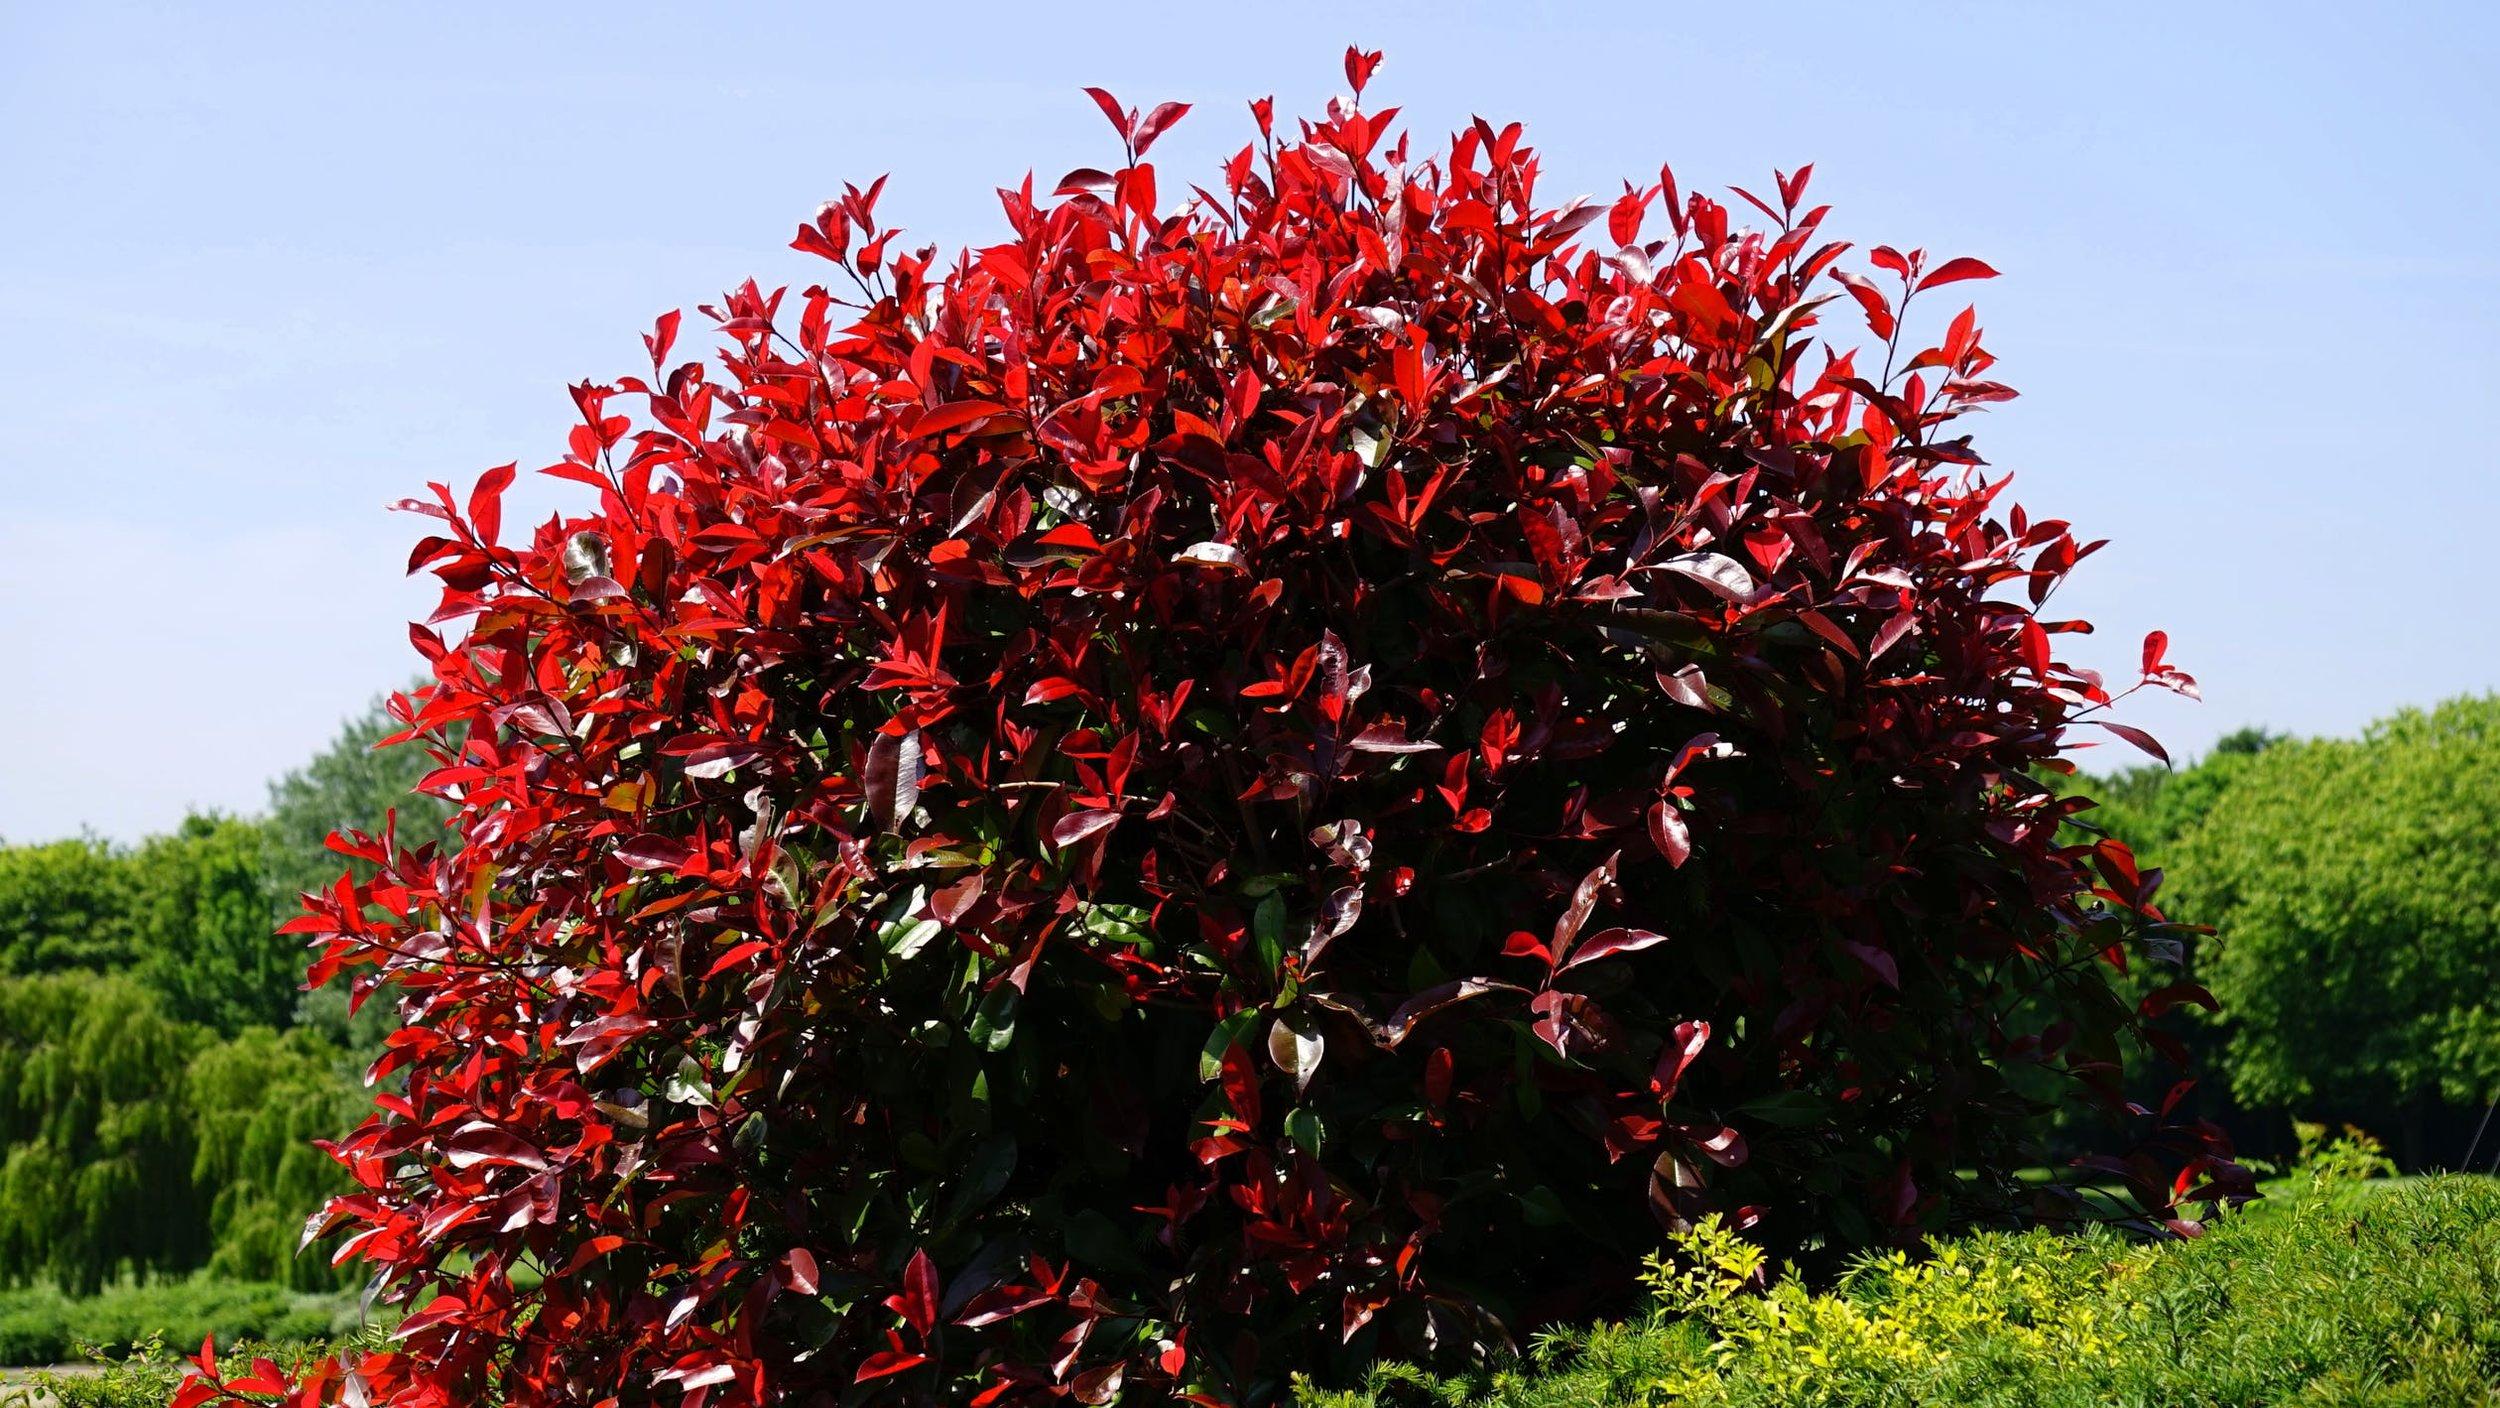 - large shrubs